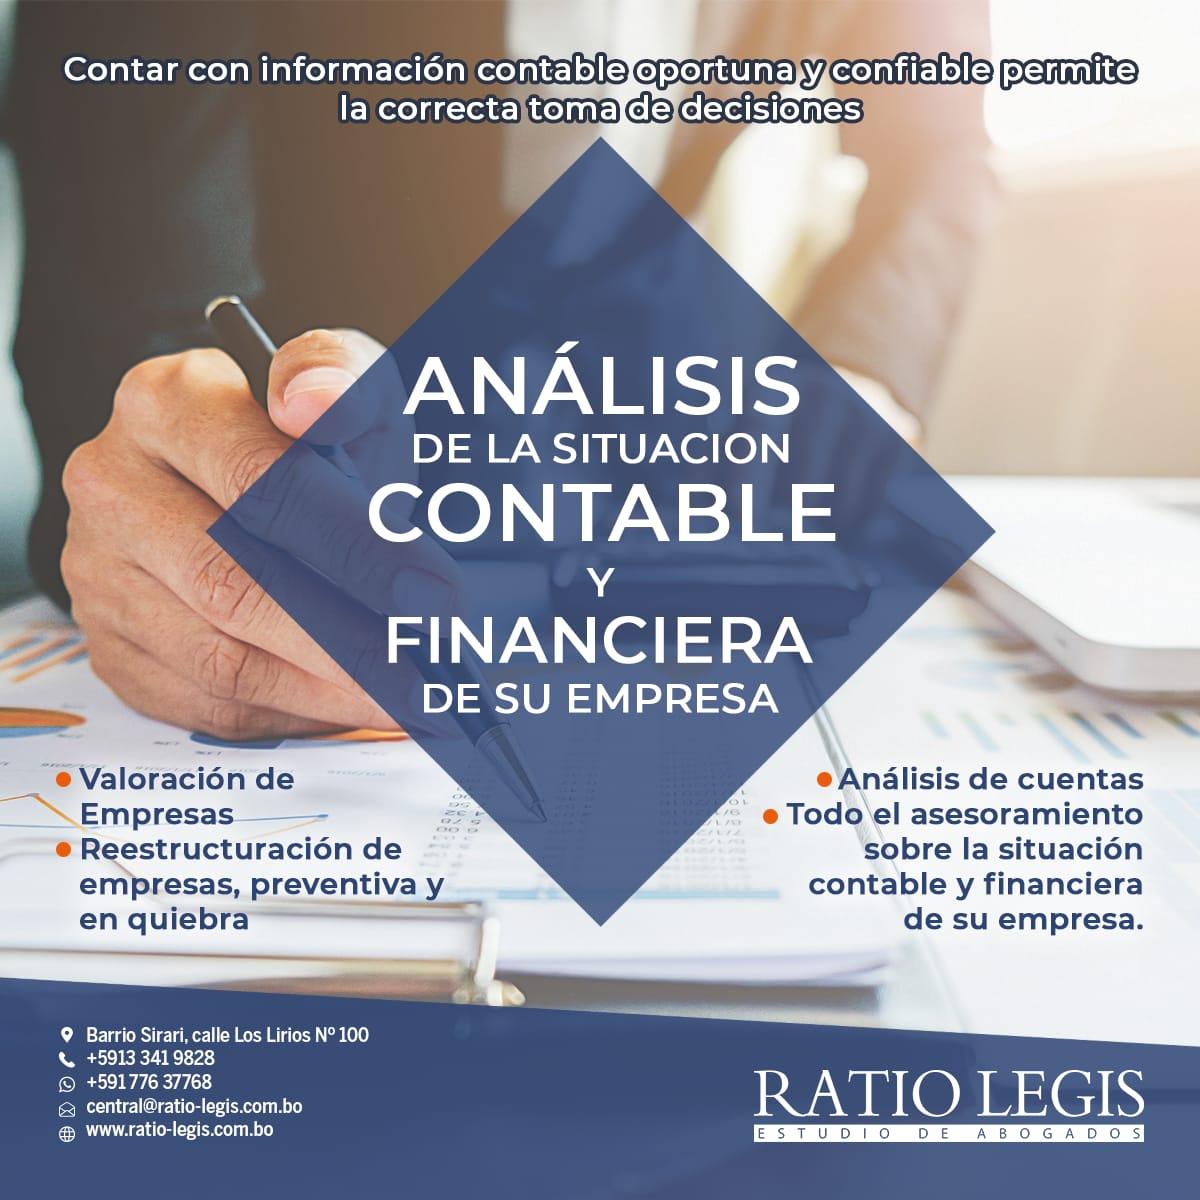 (Español) Análisis de la Situación Contable y Financiera de su Empresa